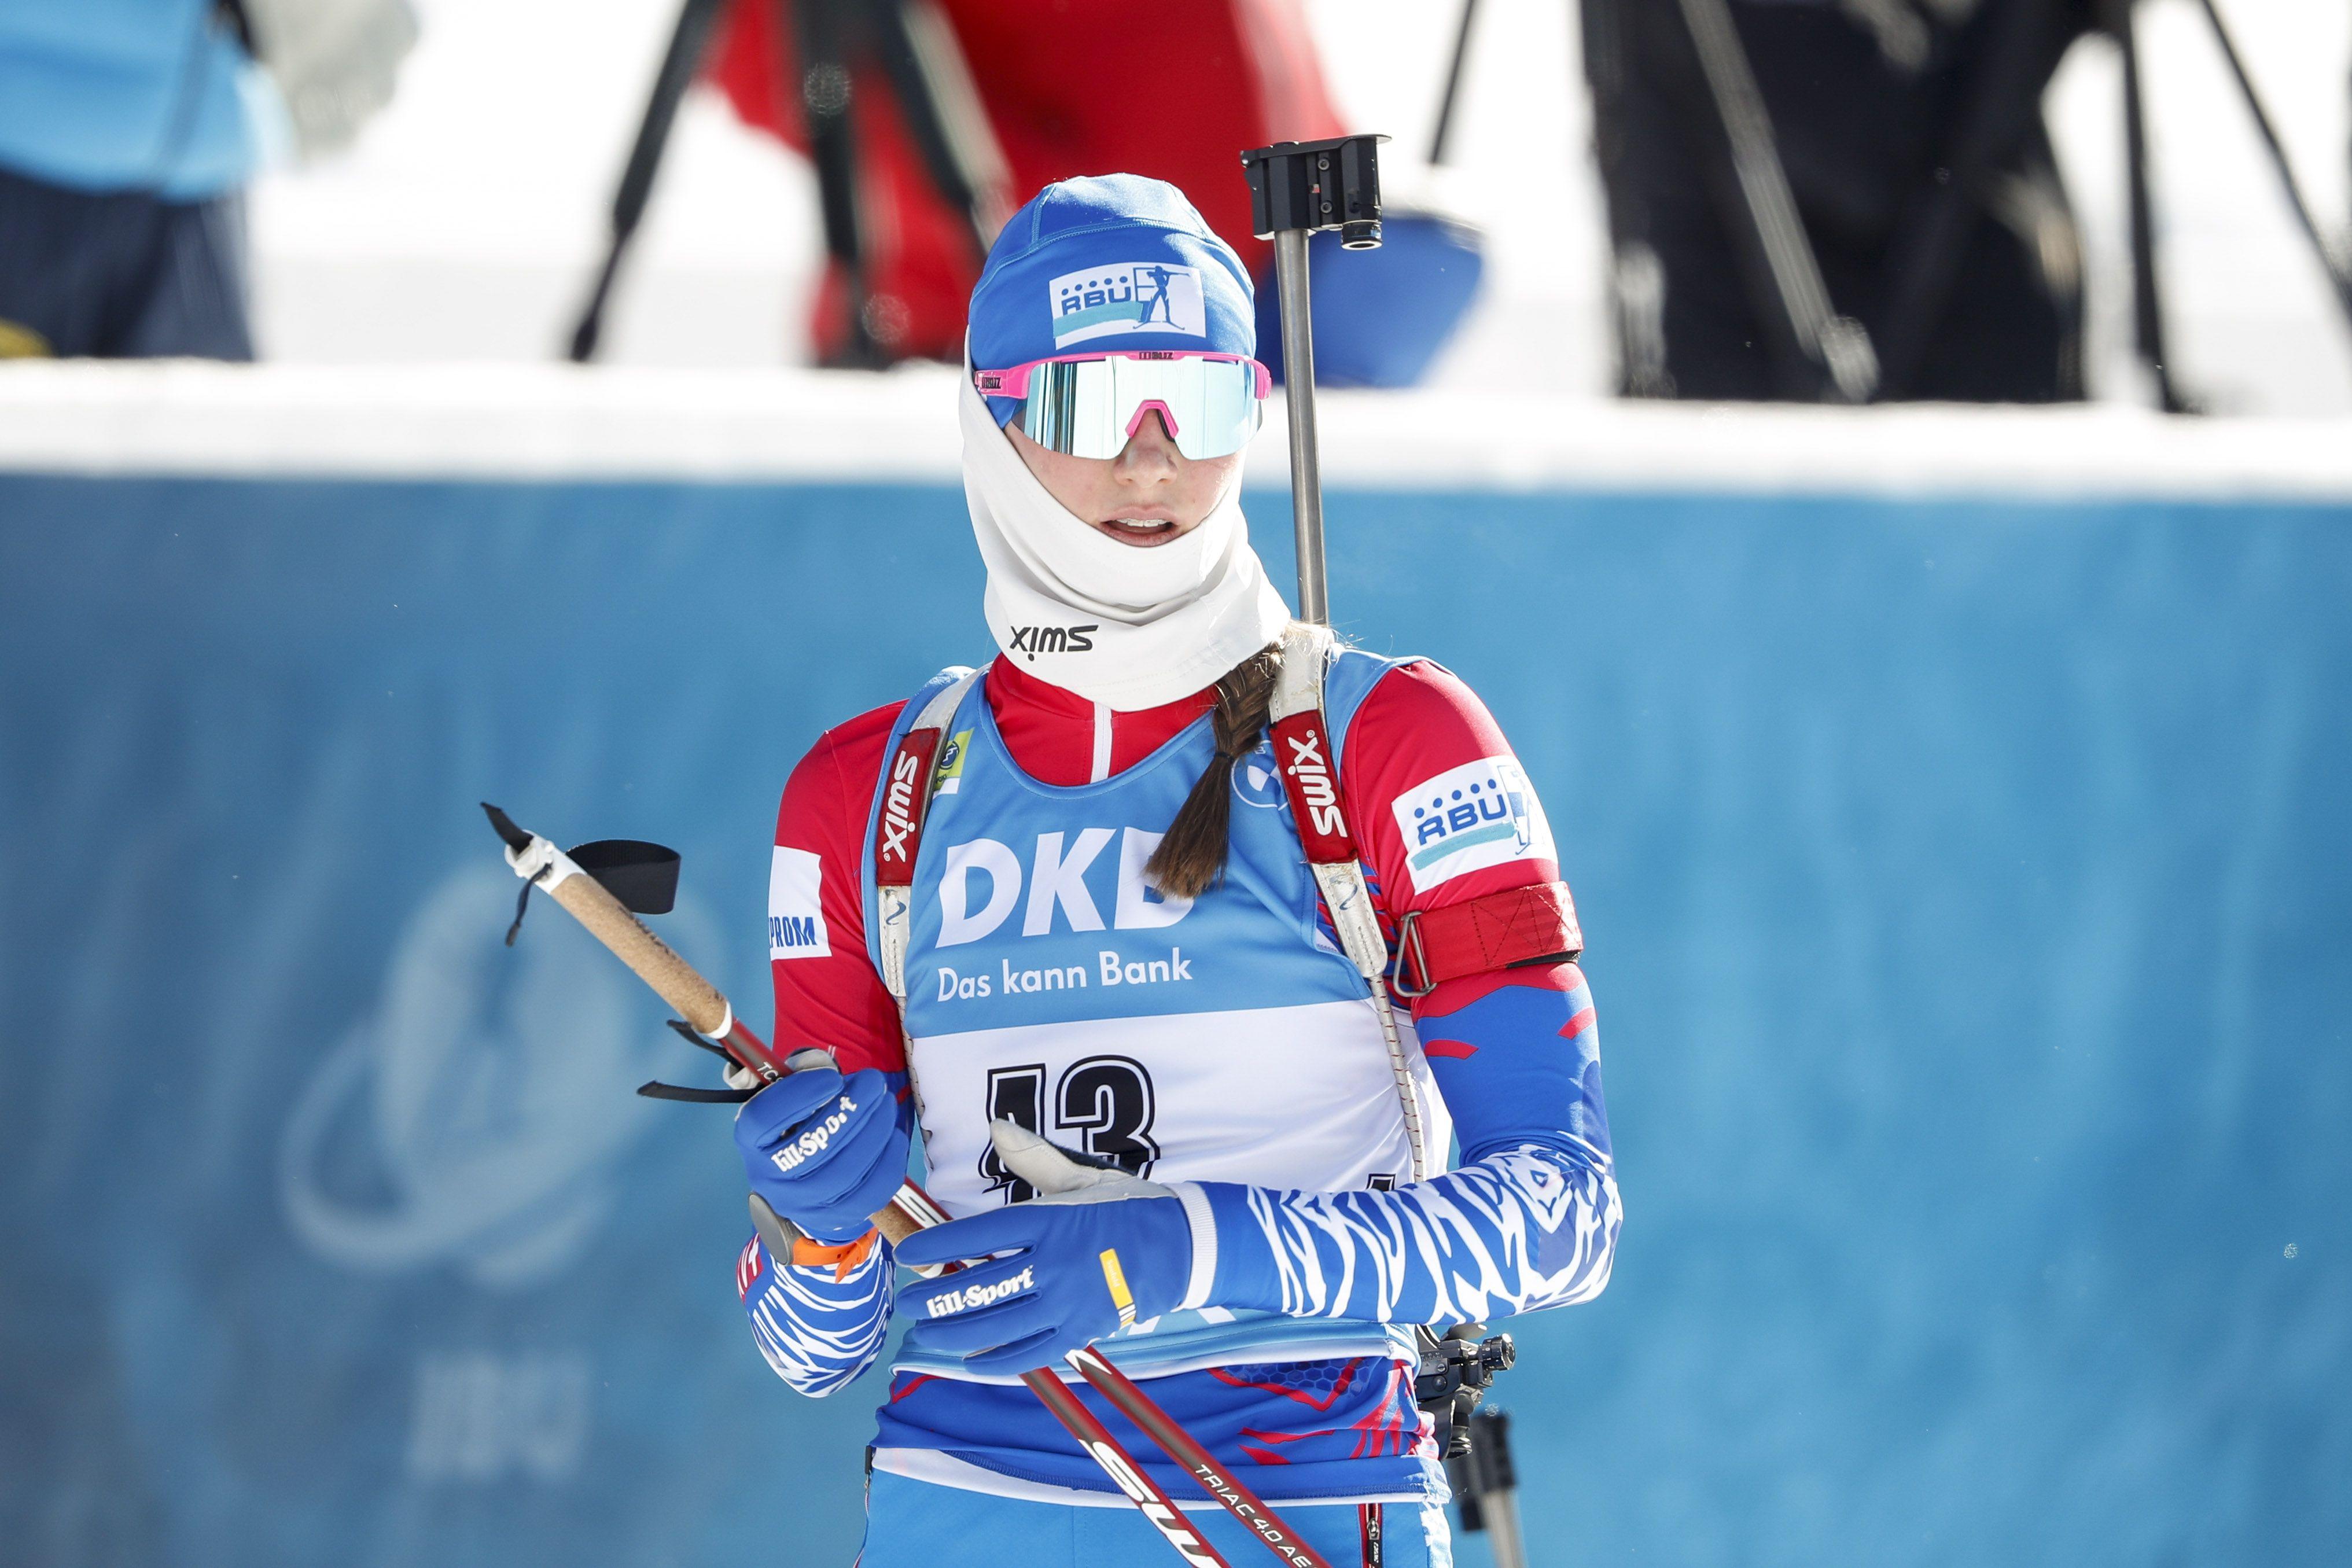 Рожков рассказал, по какой причине Миронова заявлена на 'индивидуалку' после 6 промахов в спринте